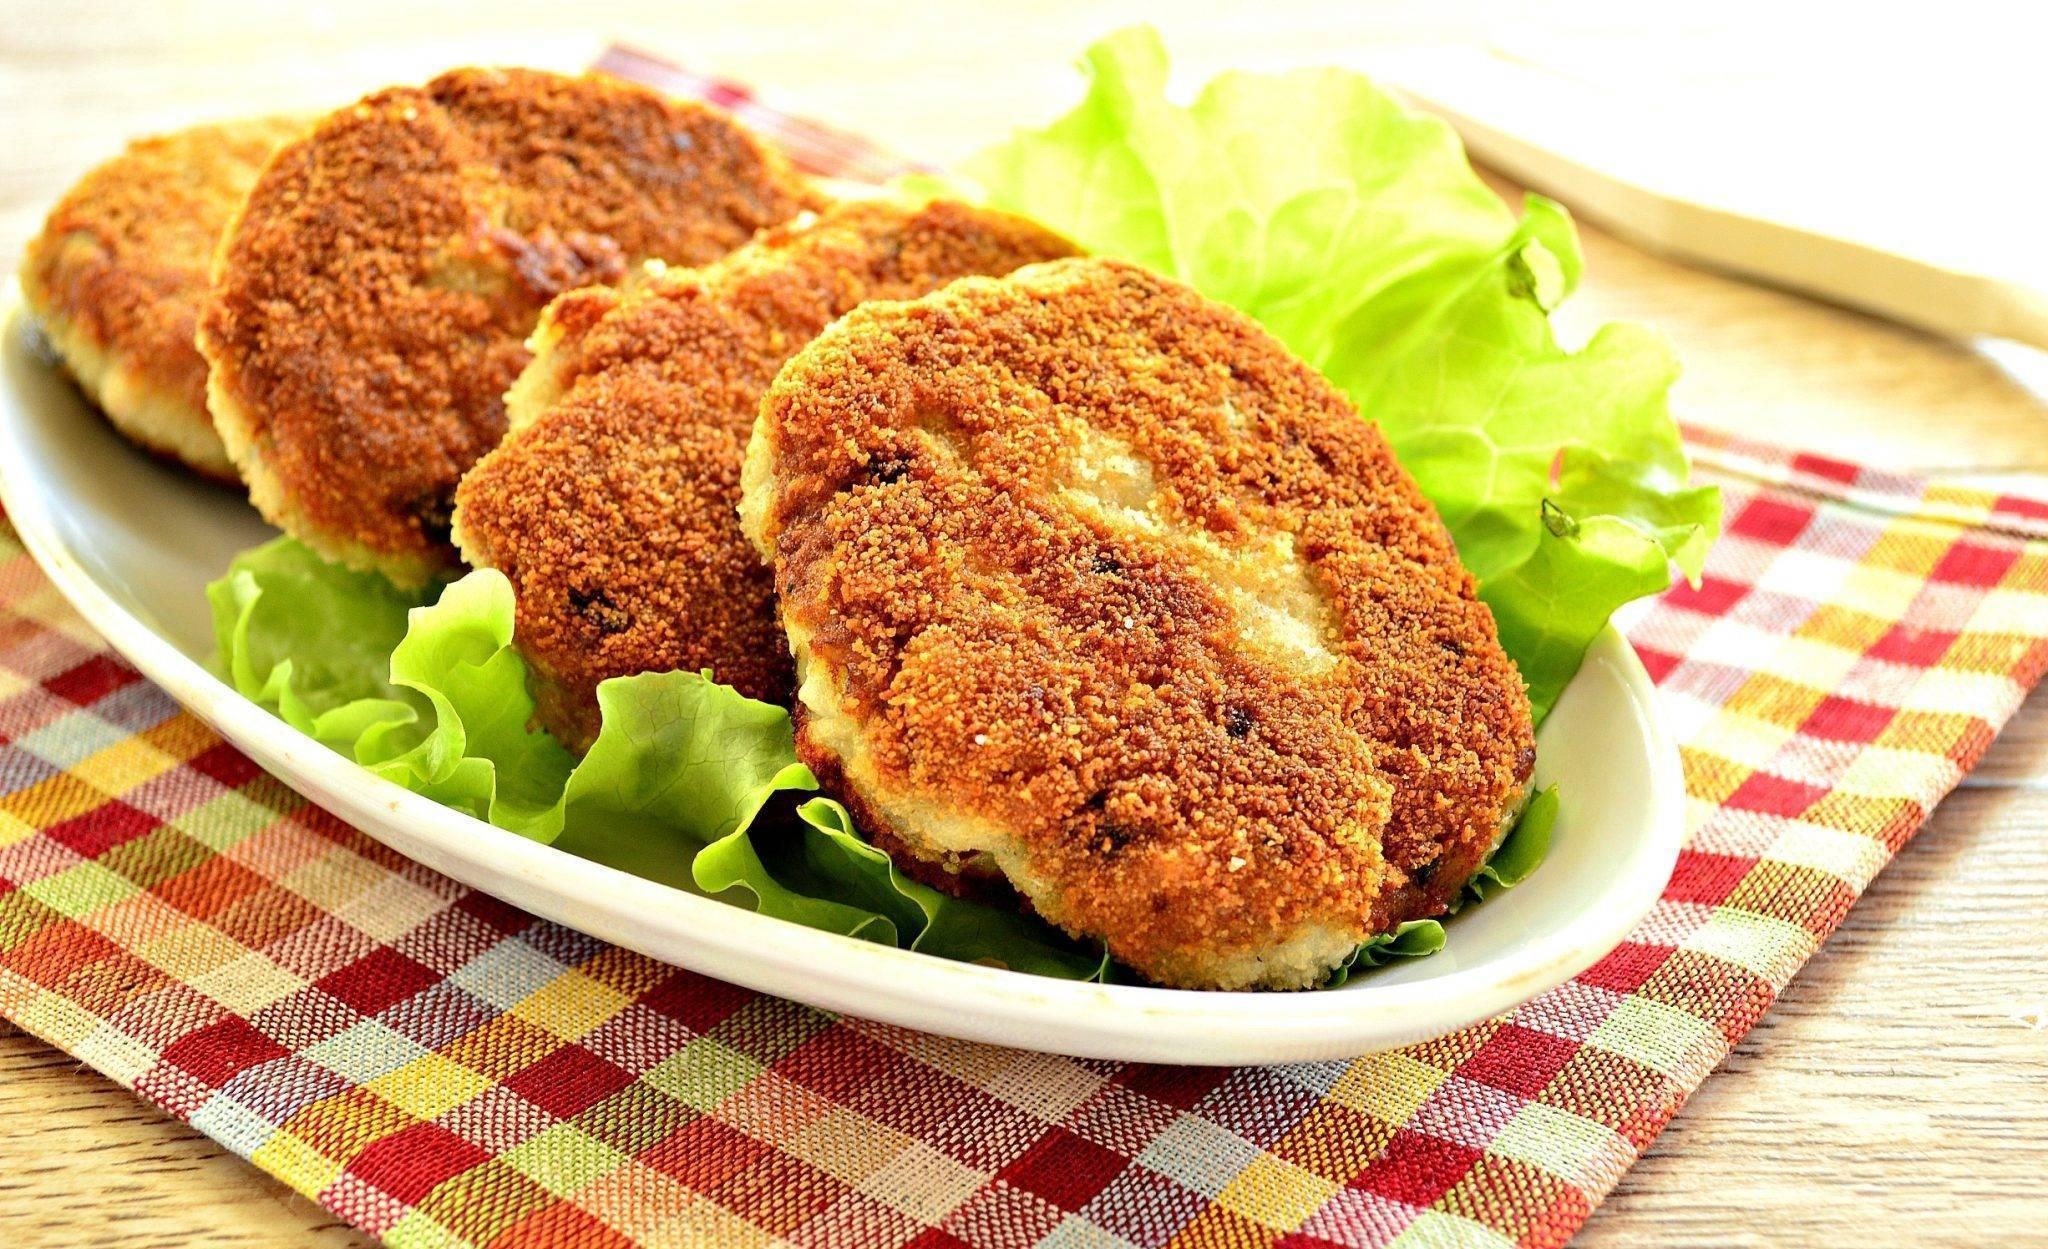 Рыбные котлеты для детей: рецепты парового блюда для детей 1, 2 и 3 лет в духовке. как их готовить на пару?